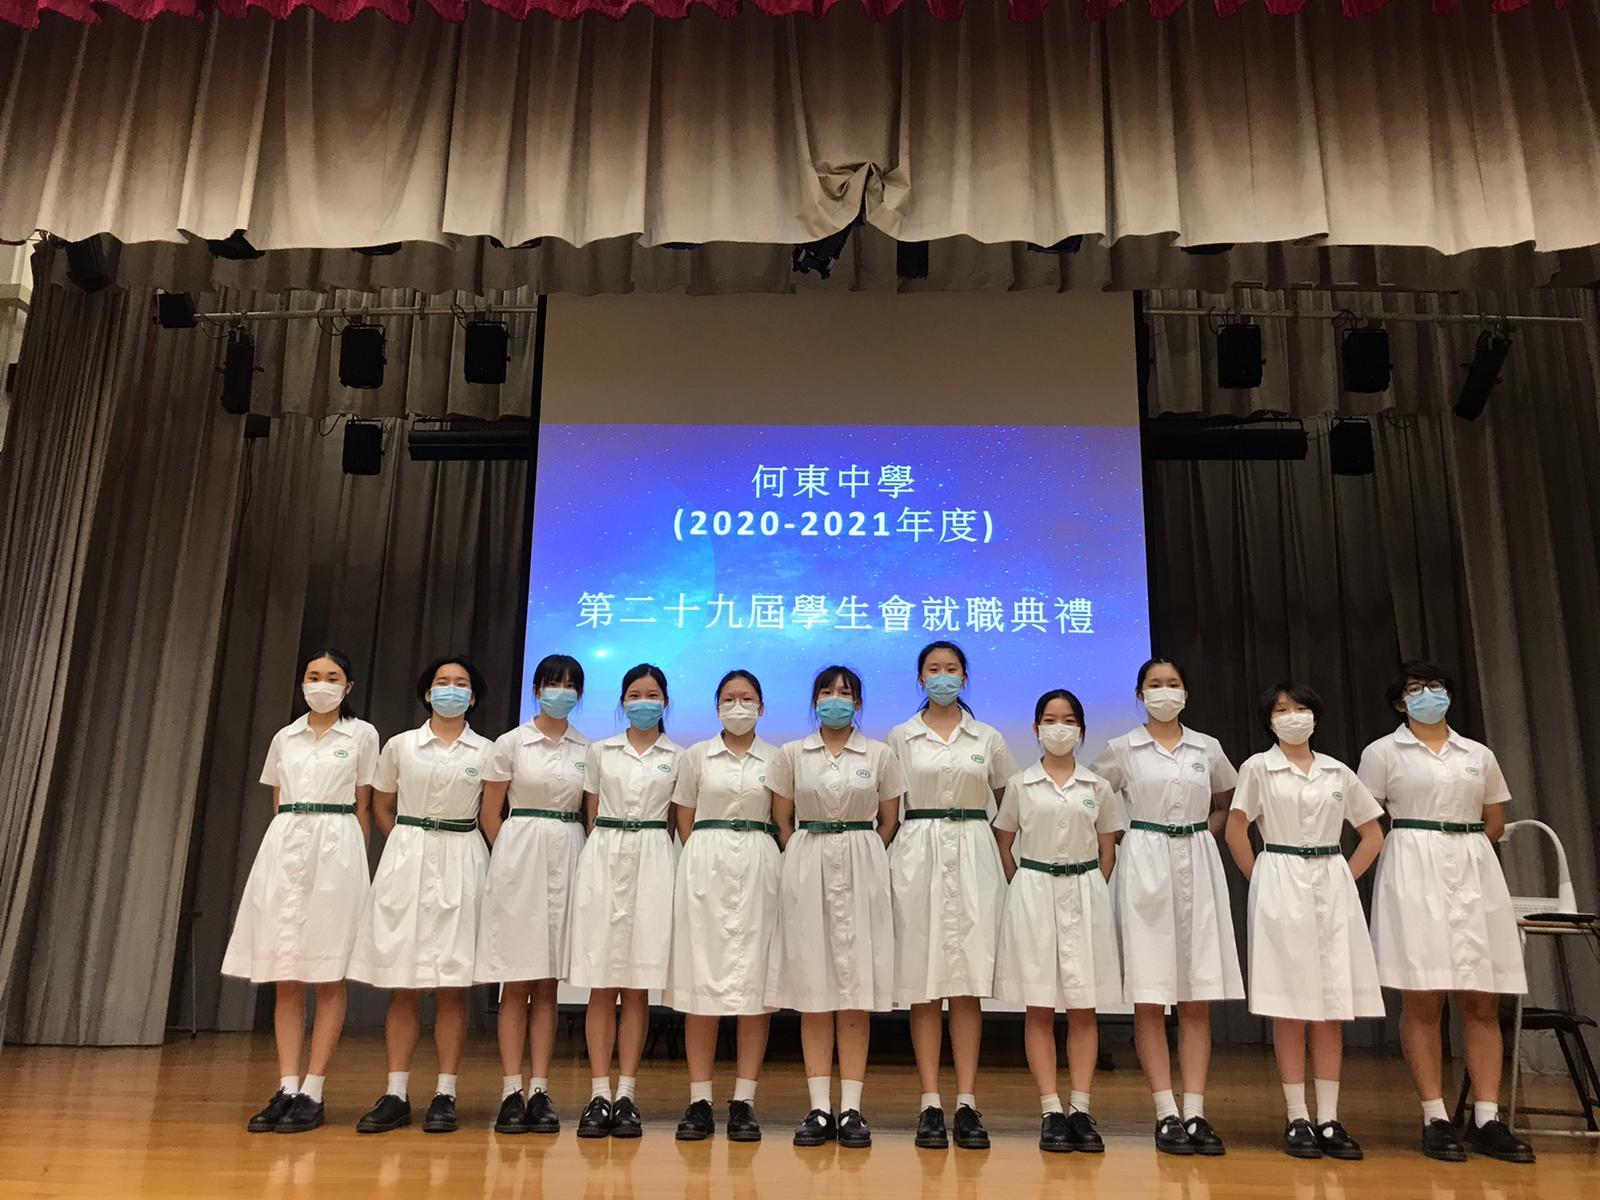 2020-2021年度學校活動